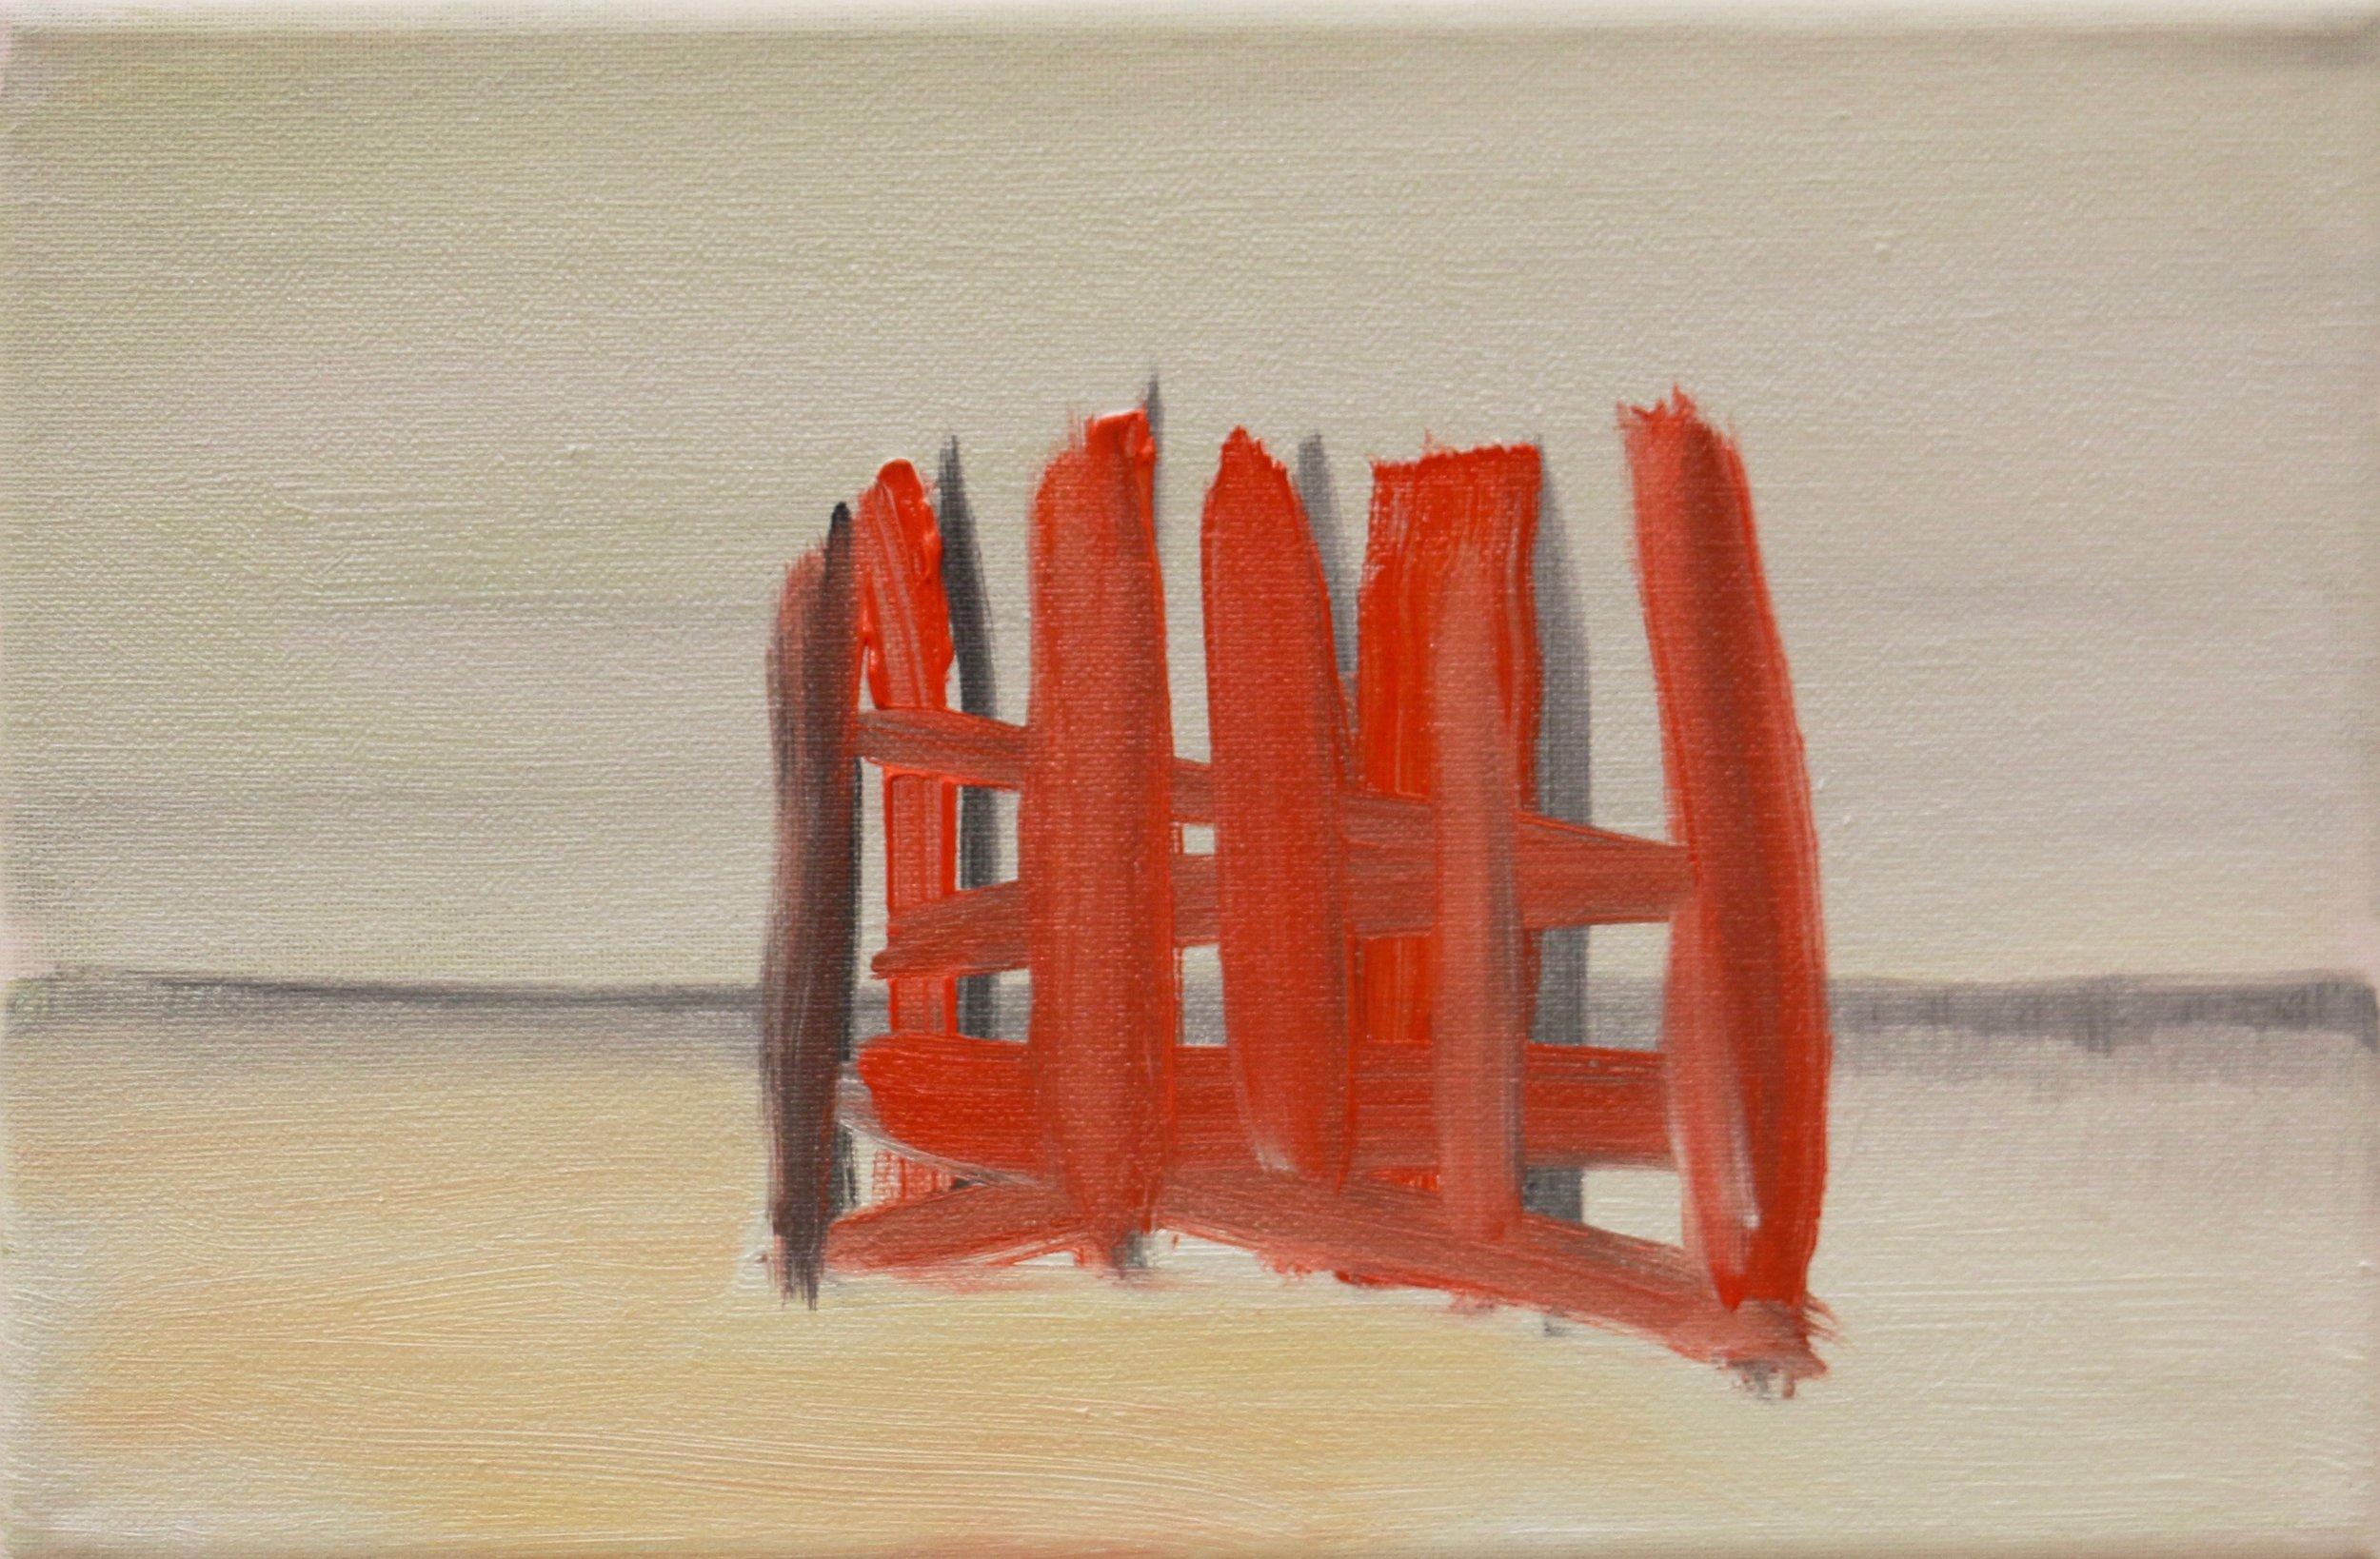 nach Jean- Marc Bustamante- Consolation 1&2 (1992) , Dezember 2016, Öl auf grundierter Baumwolle, ca 20 x 30 cm